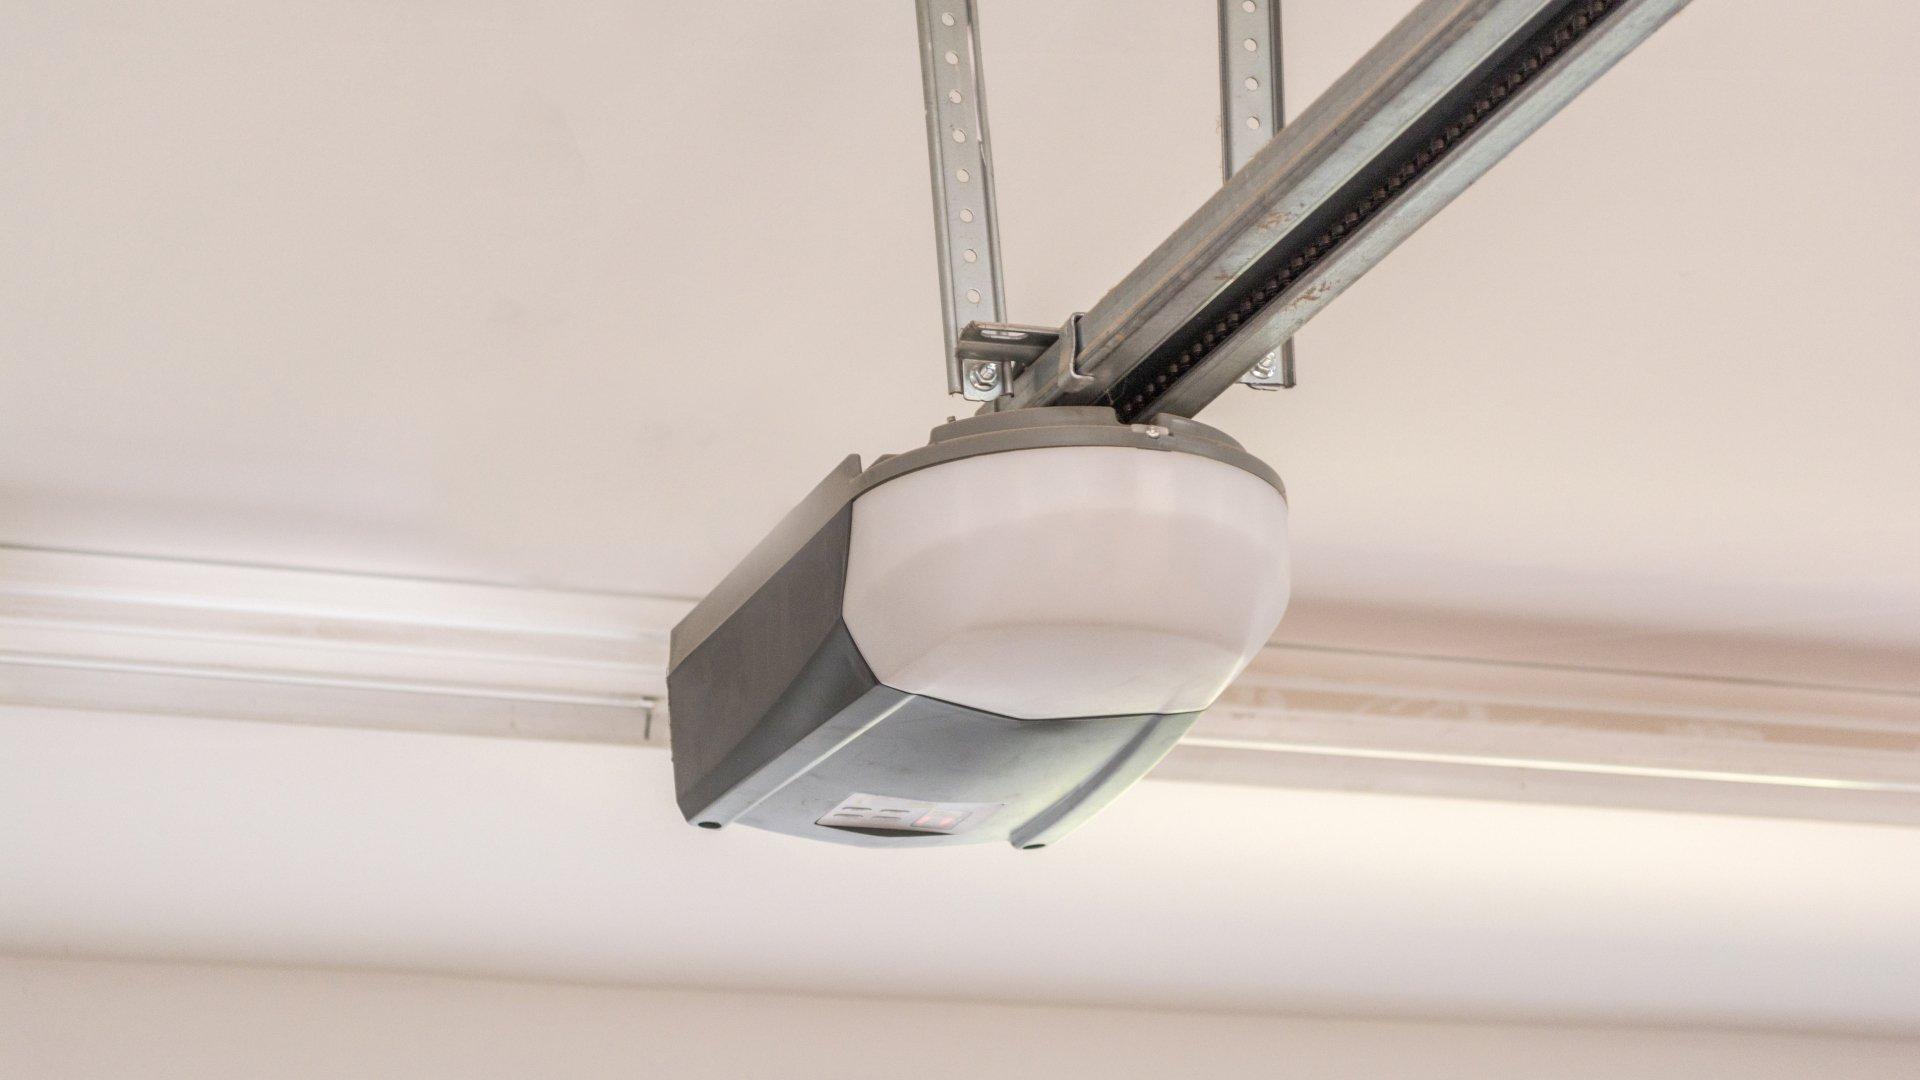 Pr Residential Garage Door Top Fixture /& Pr 10 Ball Rollers Overhead Wood Door